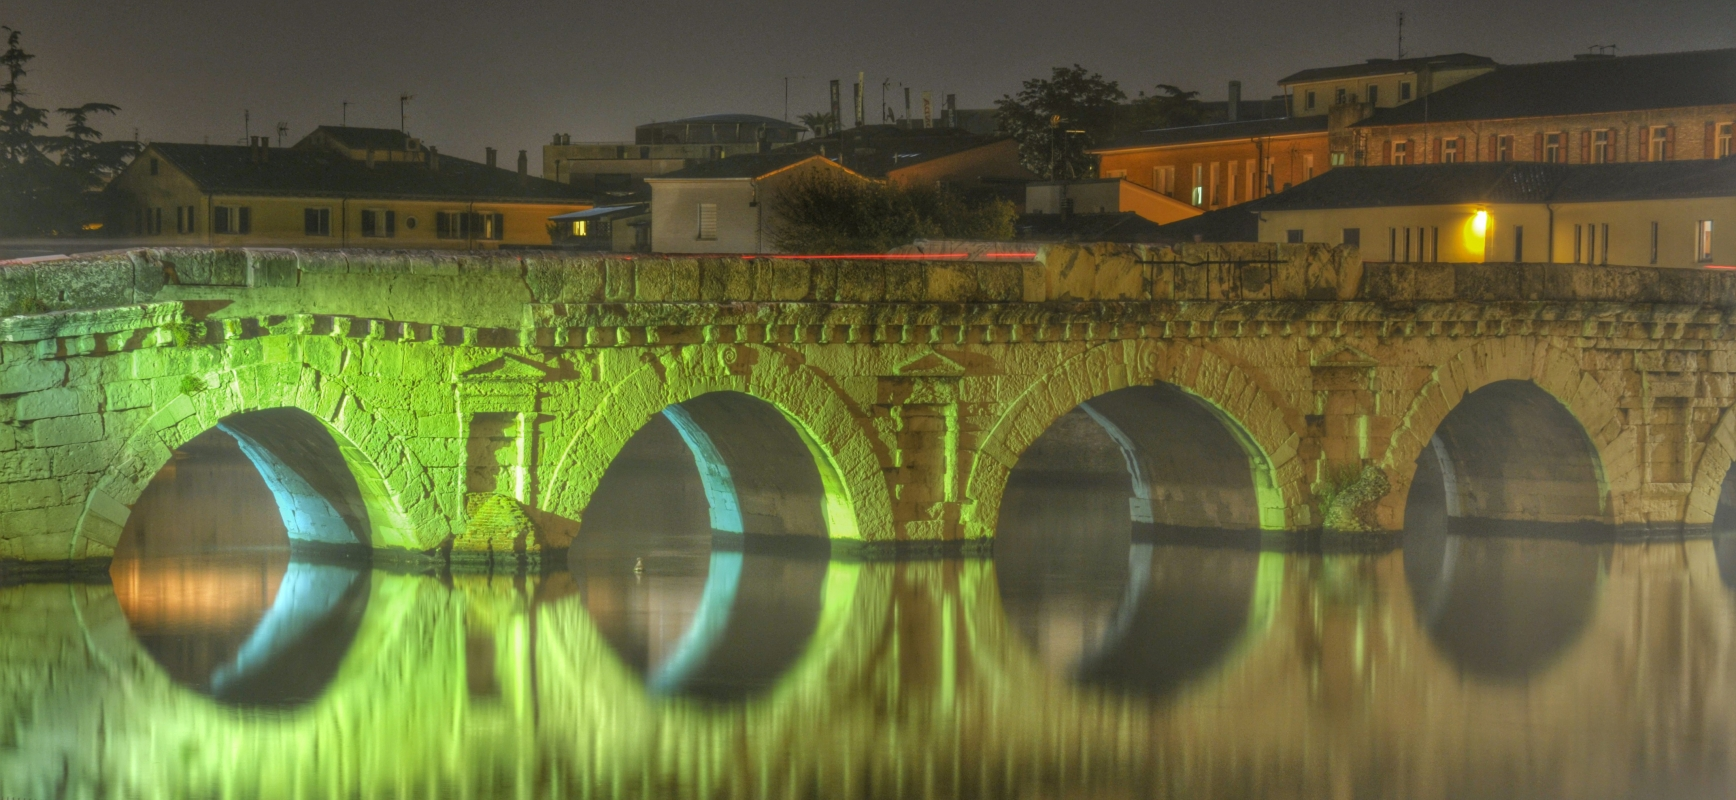 La magia del ponte di Tiberio - GianlucaMoretti - Rimini (RN)